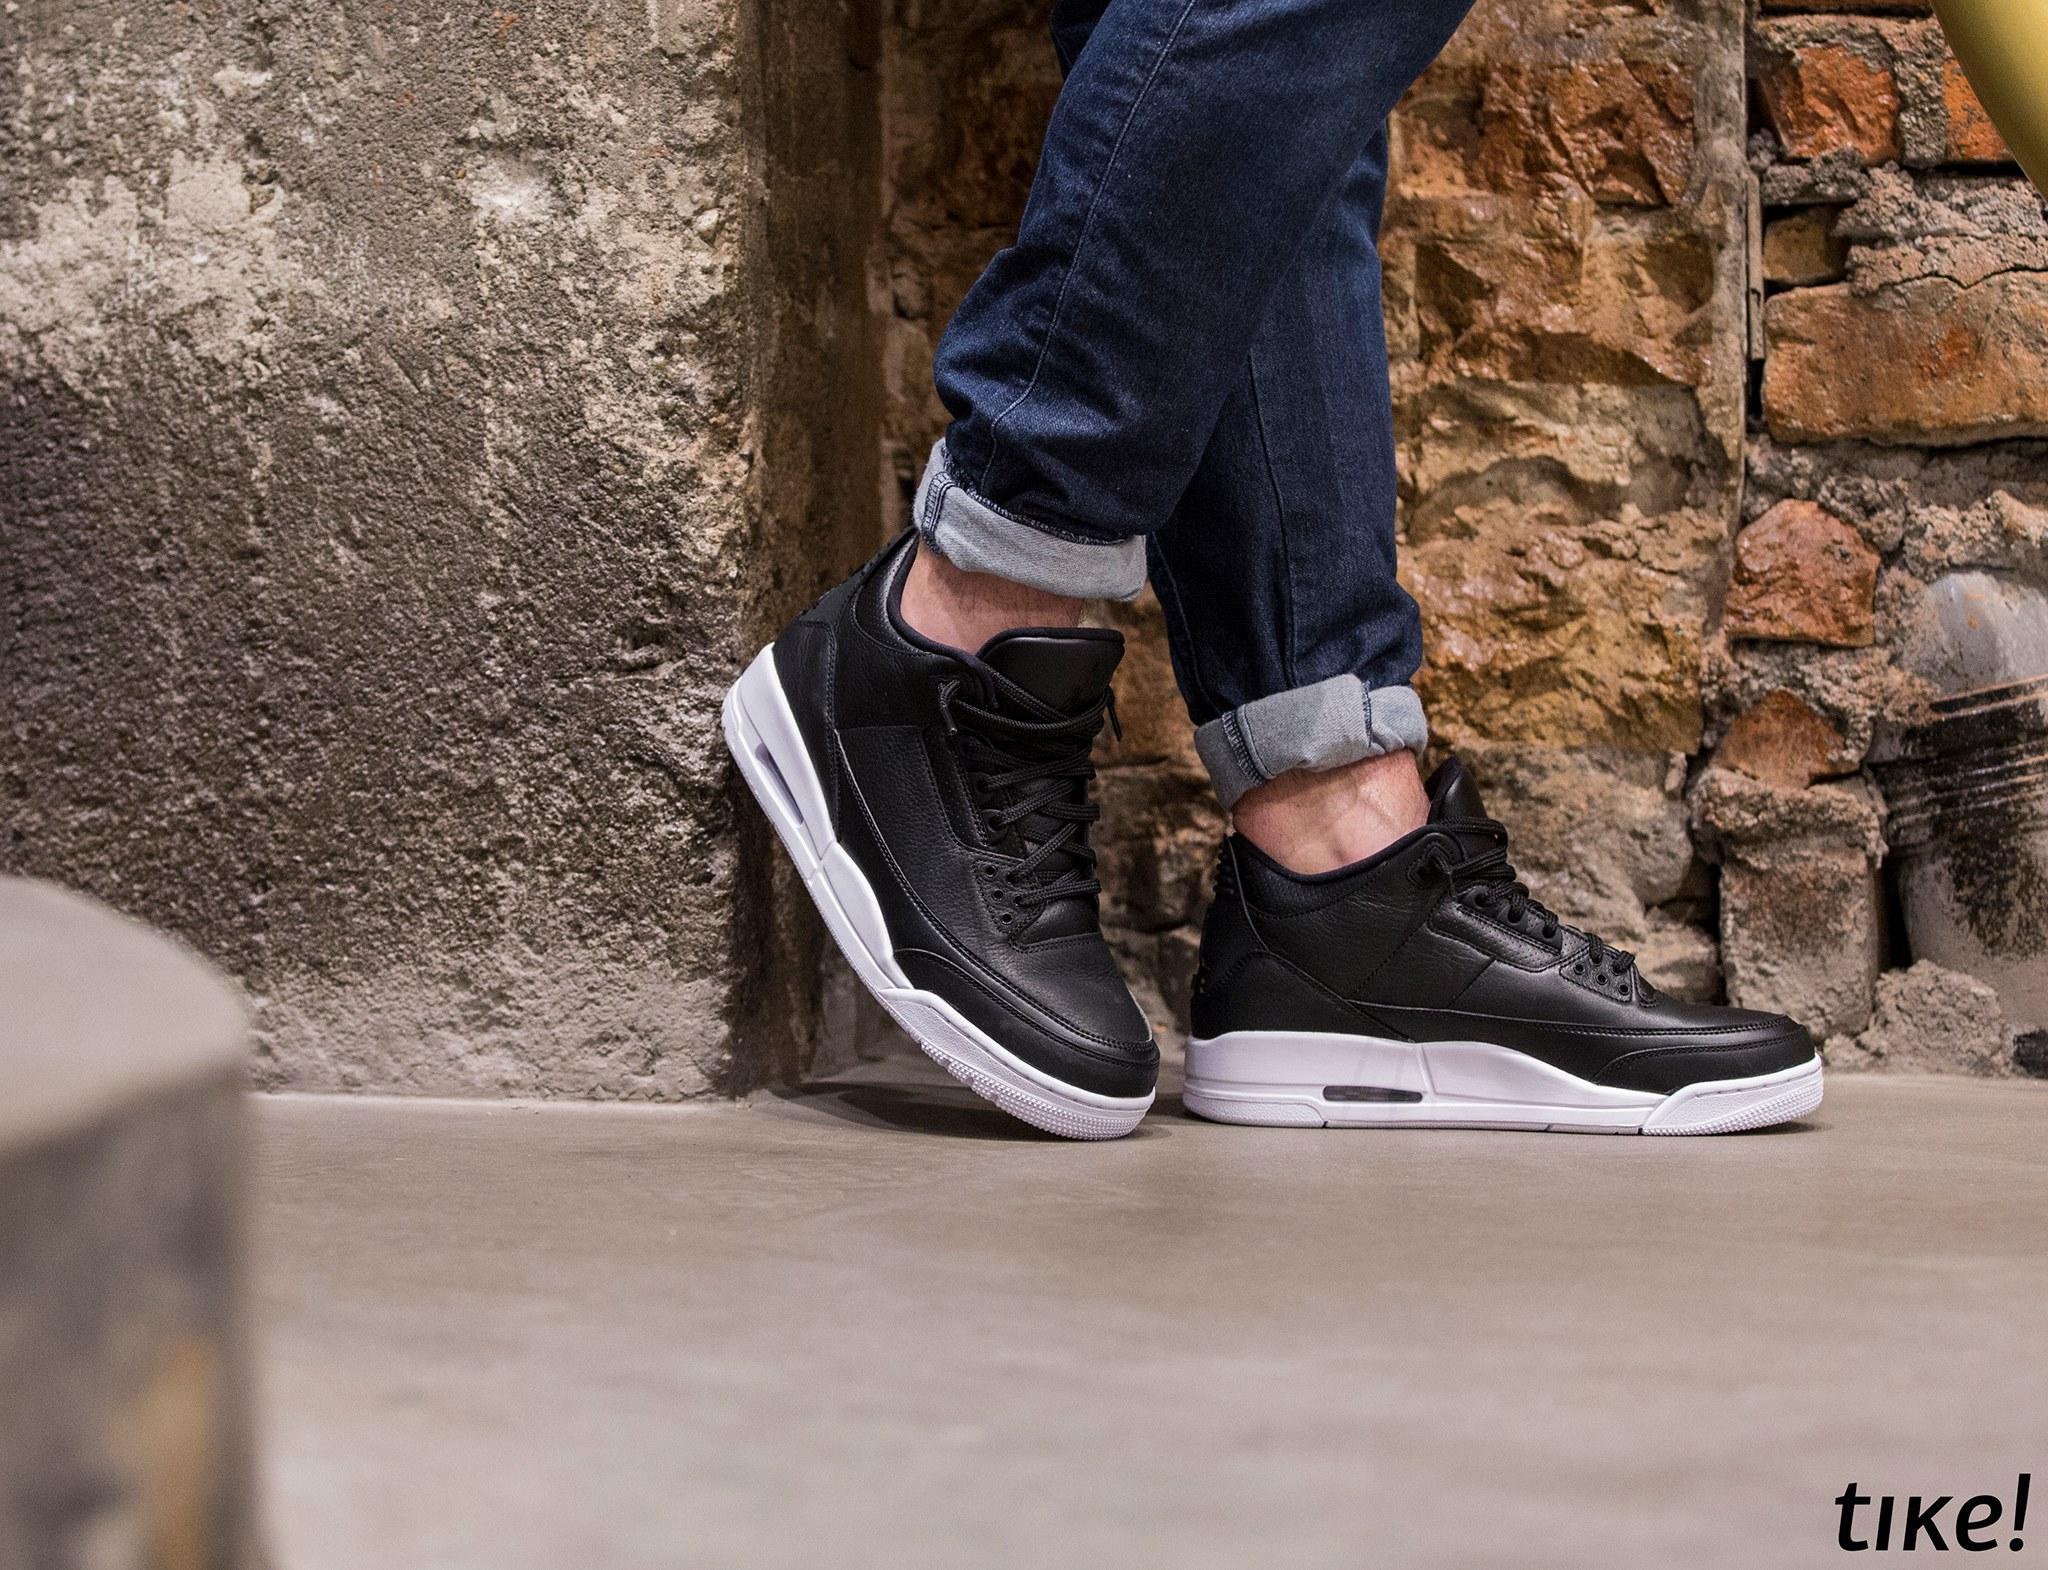 Nike Air Jordan III Retro